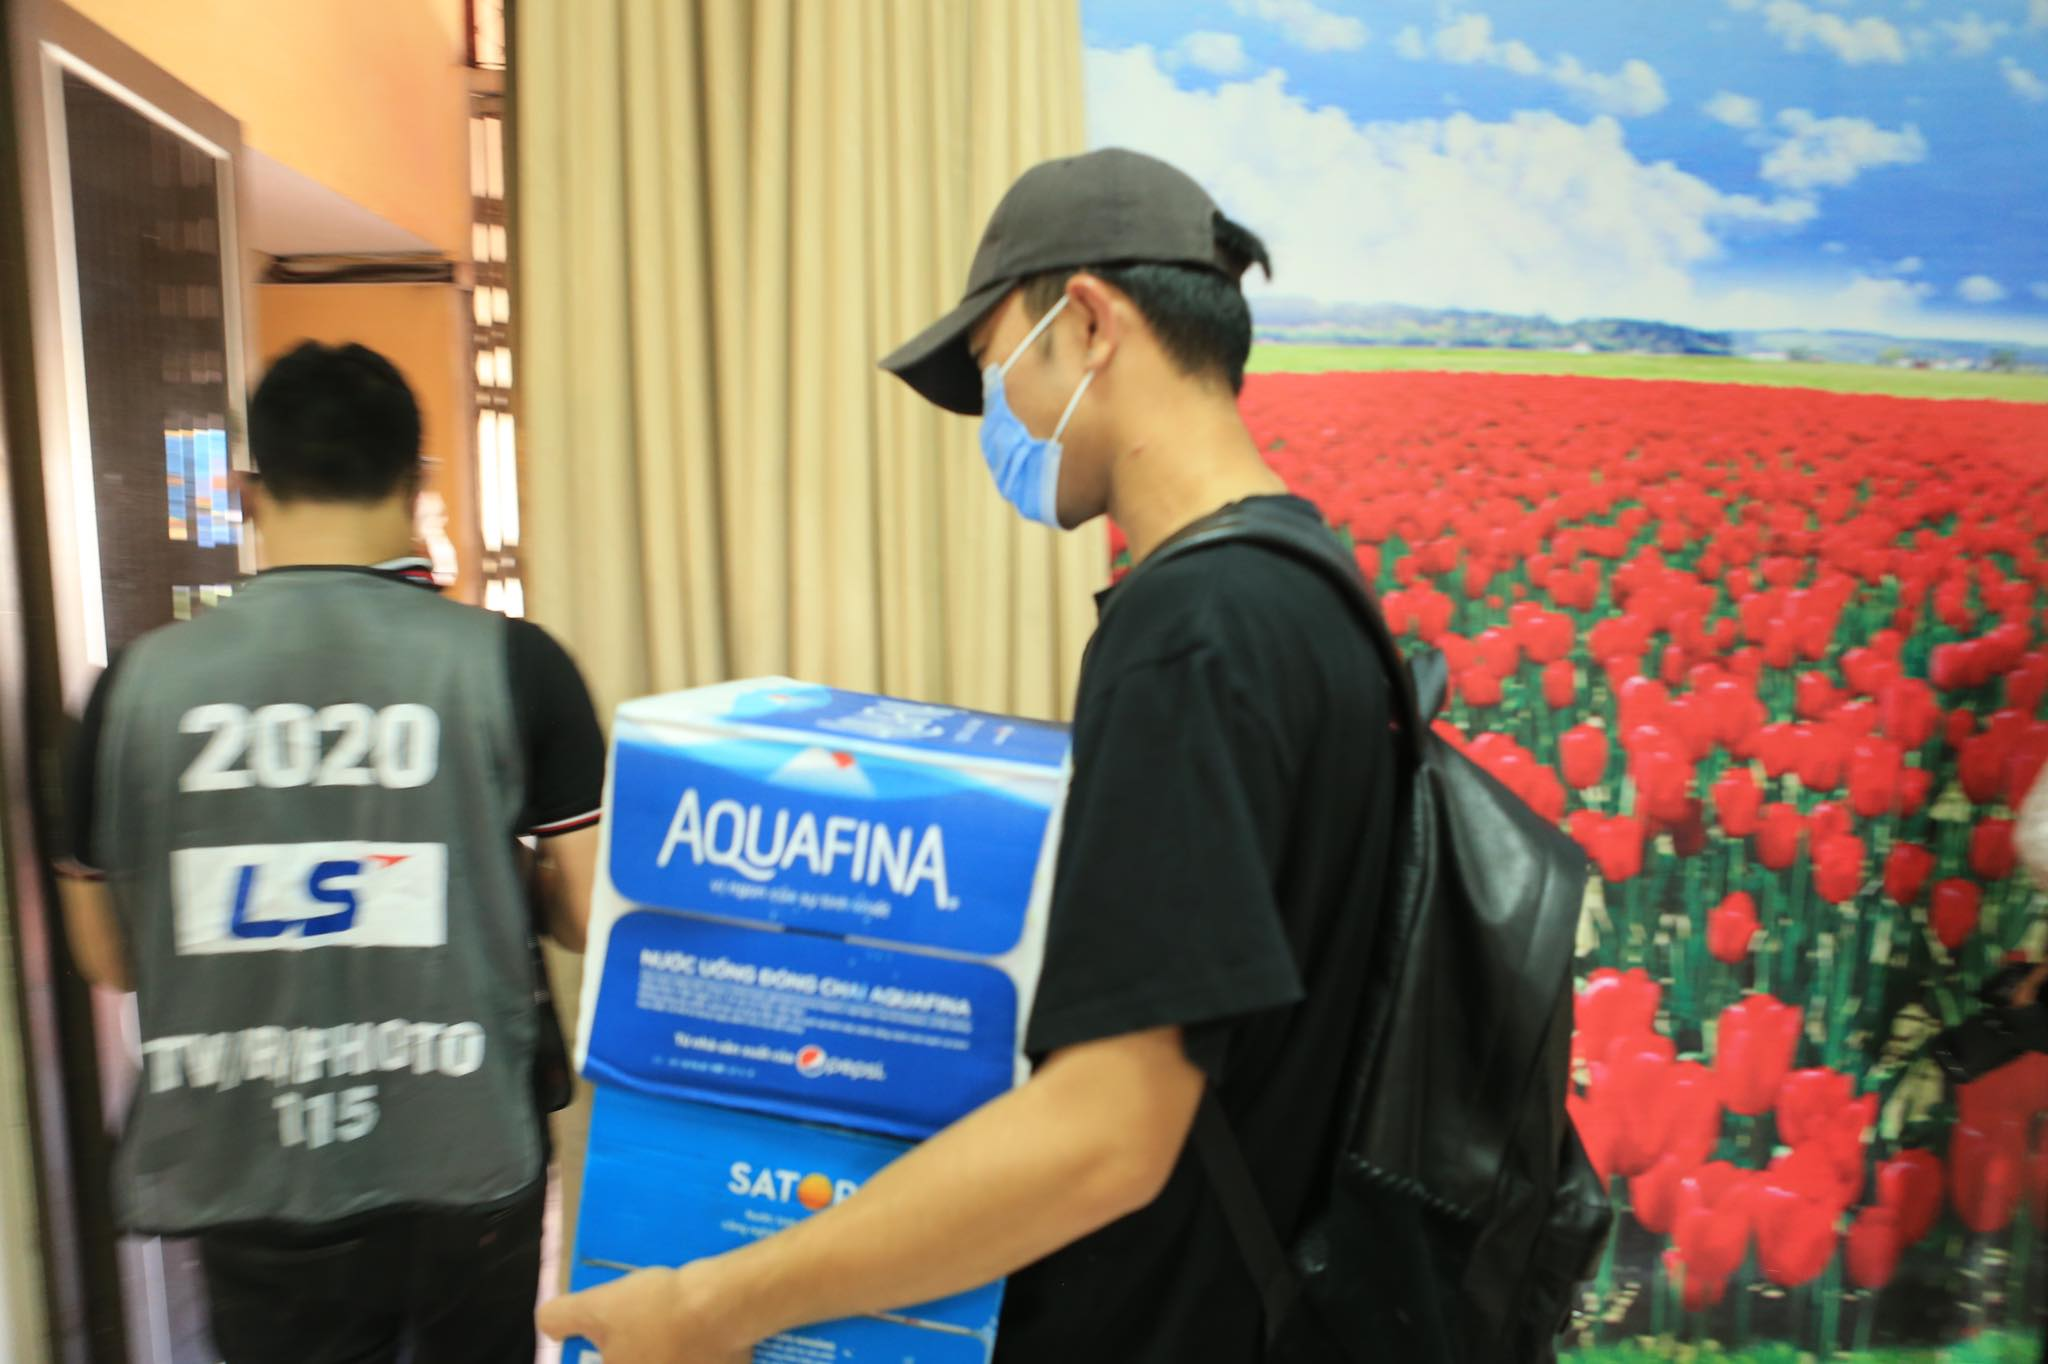 Xuân Trường hỗ trợ mang nước vào trong sân cho đội bóng - Ảnh: Đức Cường